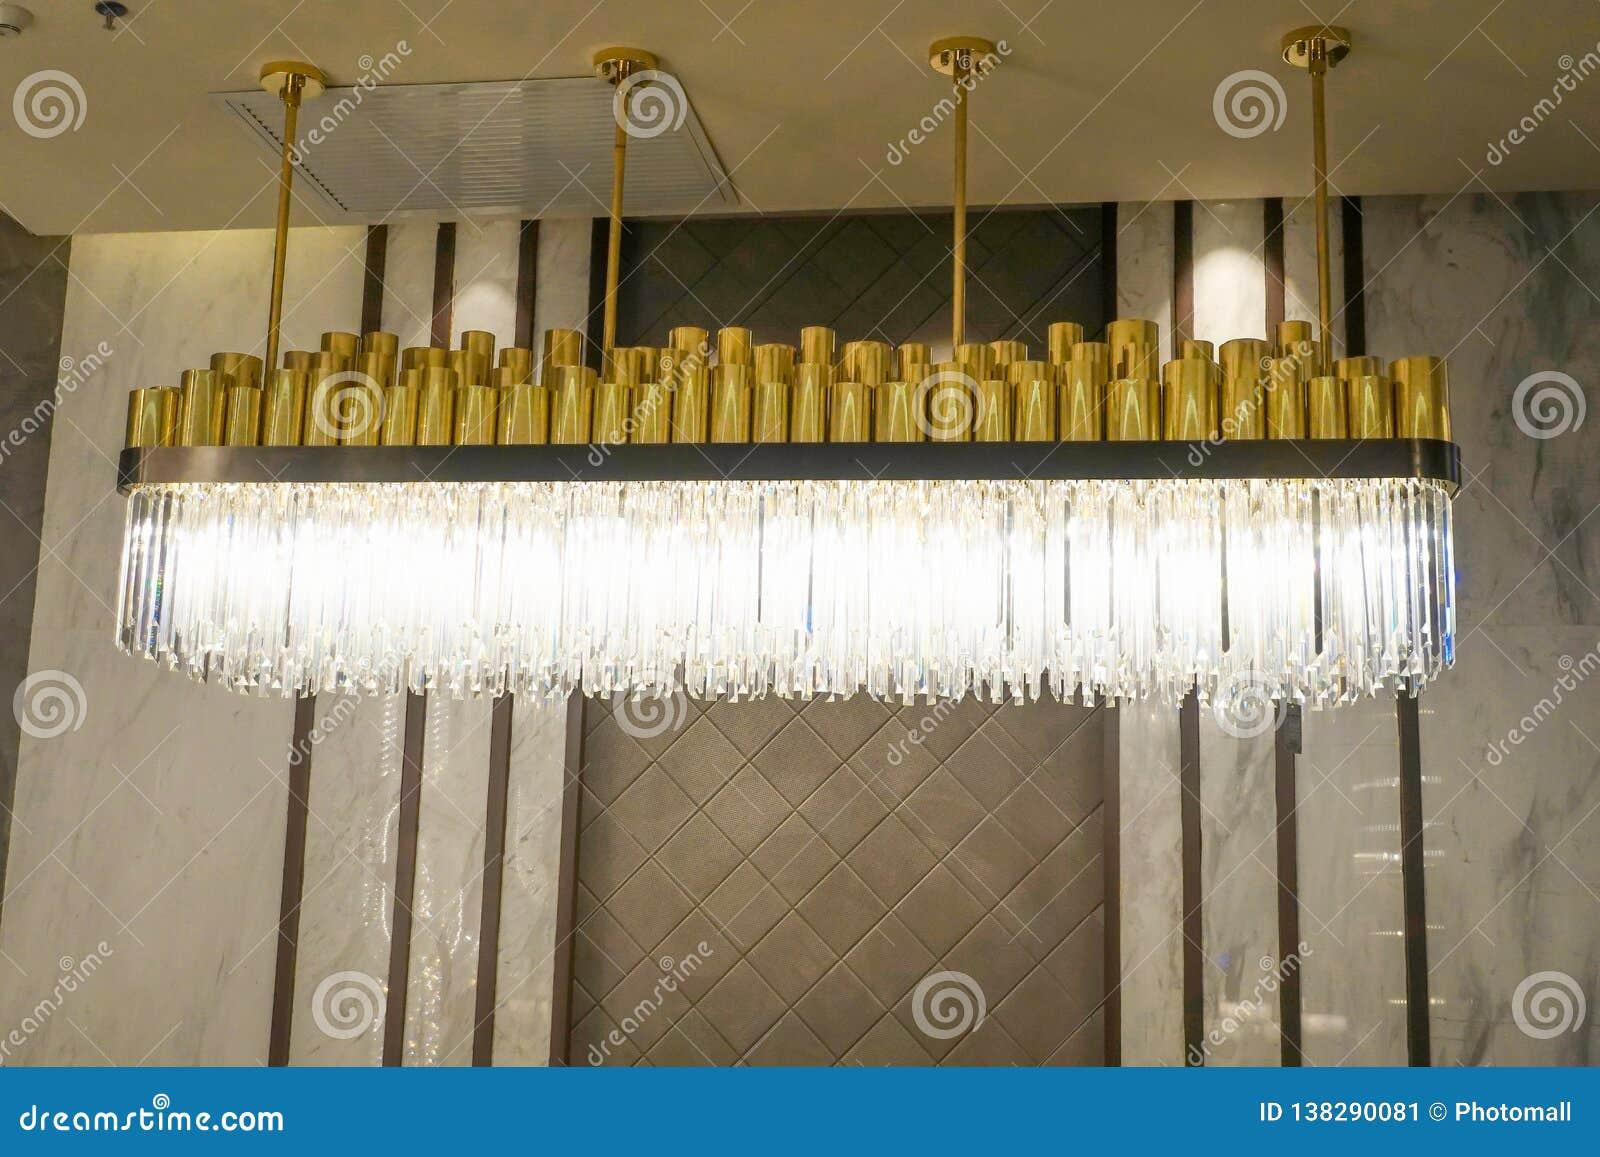 被带领的照明设备枝形吊灯灯在现代商业修造的旅馆里